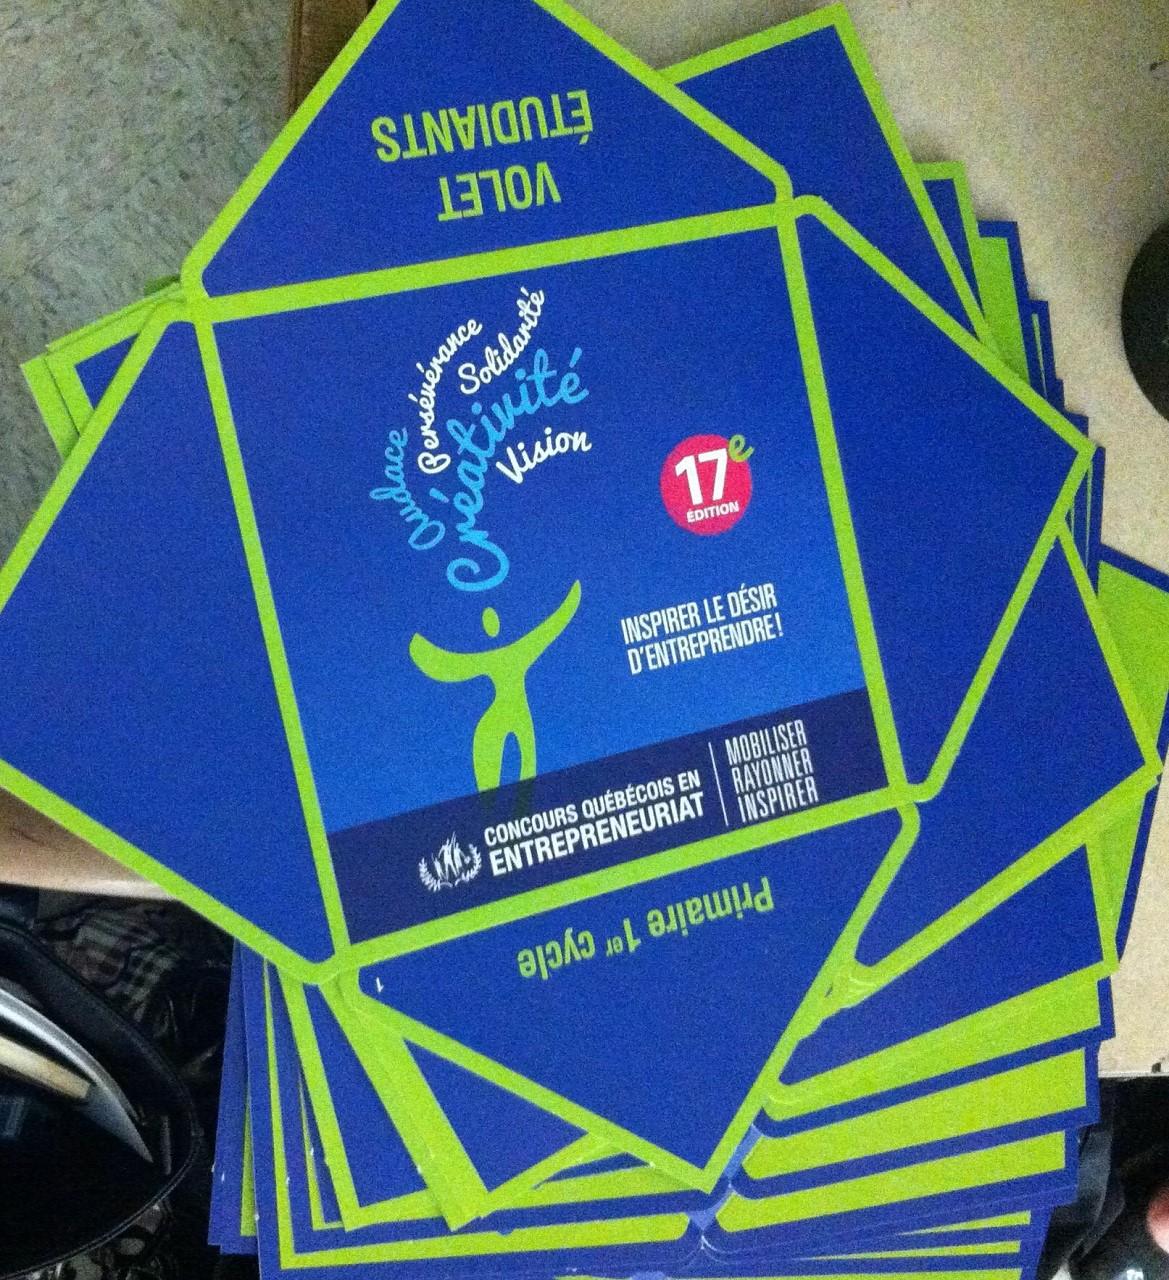 Gala Concours Entreprenariat – 5 mai 2015